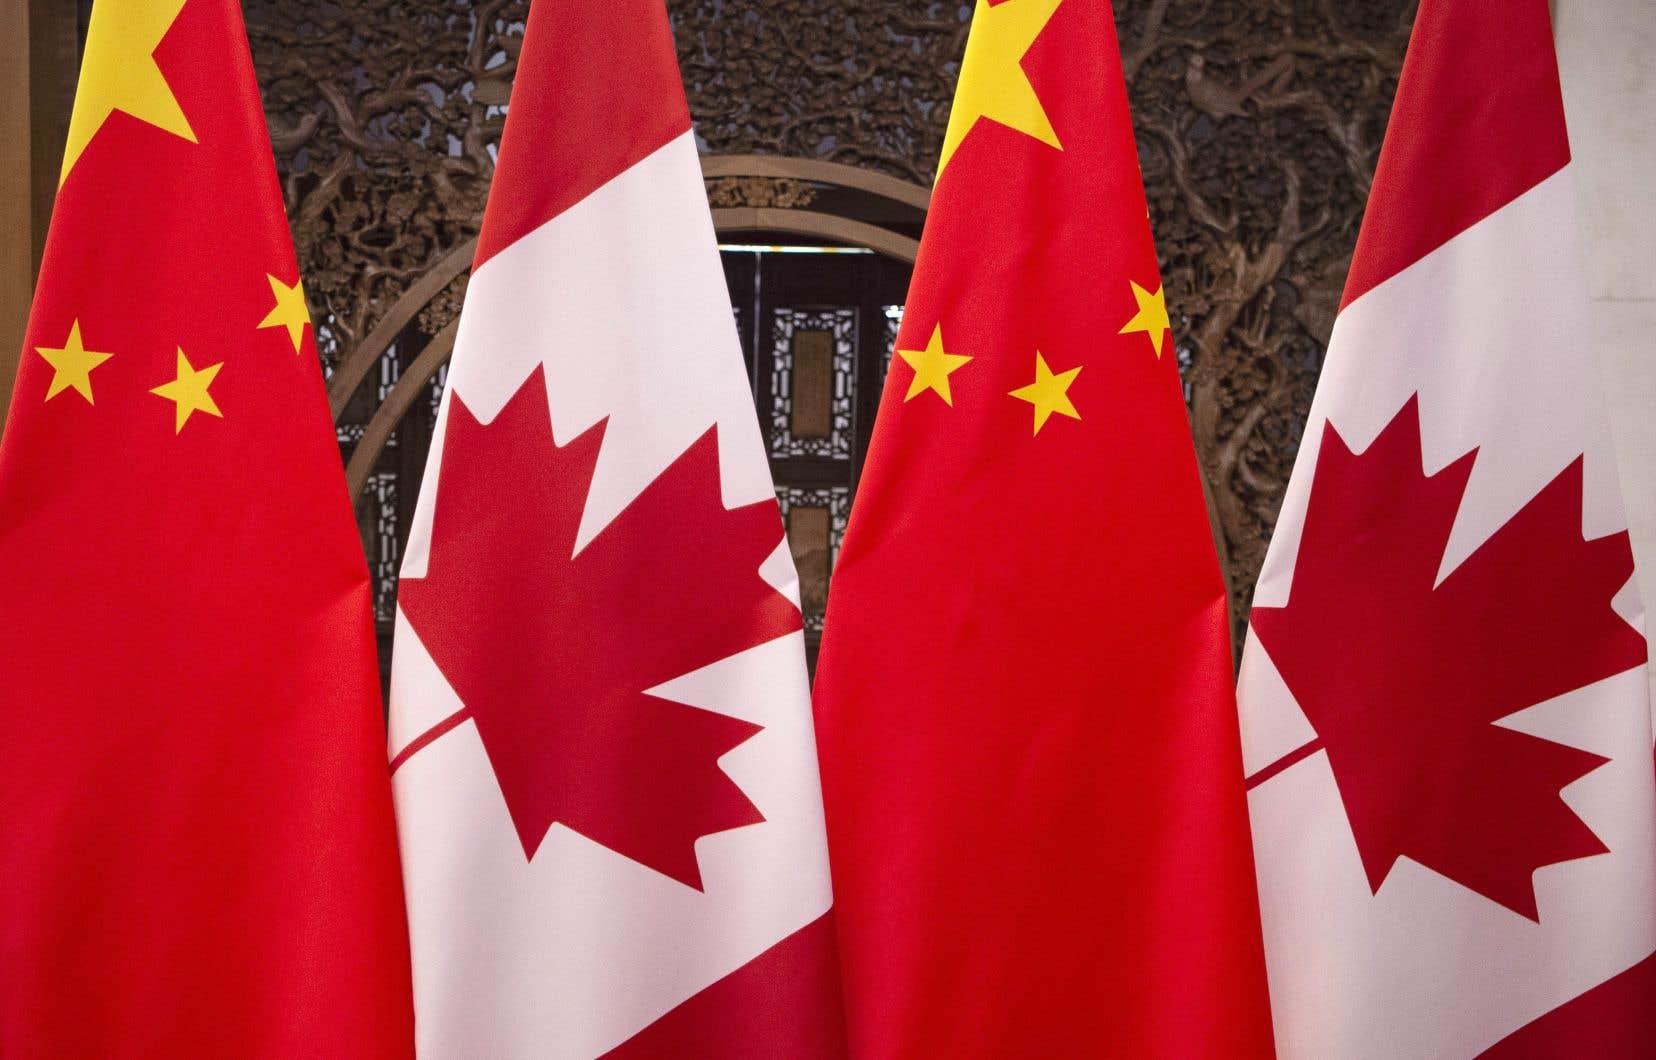 Cette condamnation risque de mettre à rude épreuve les relations sino-canadiennes.